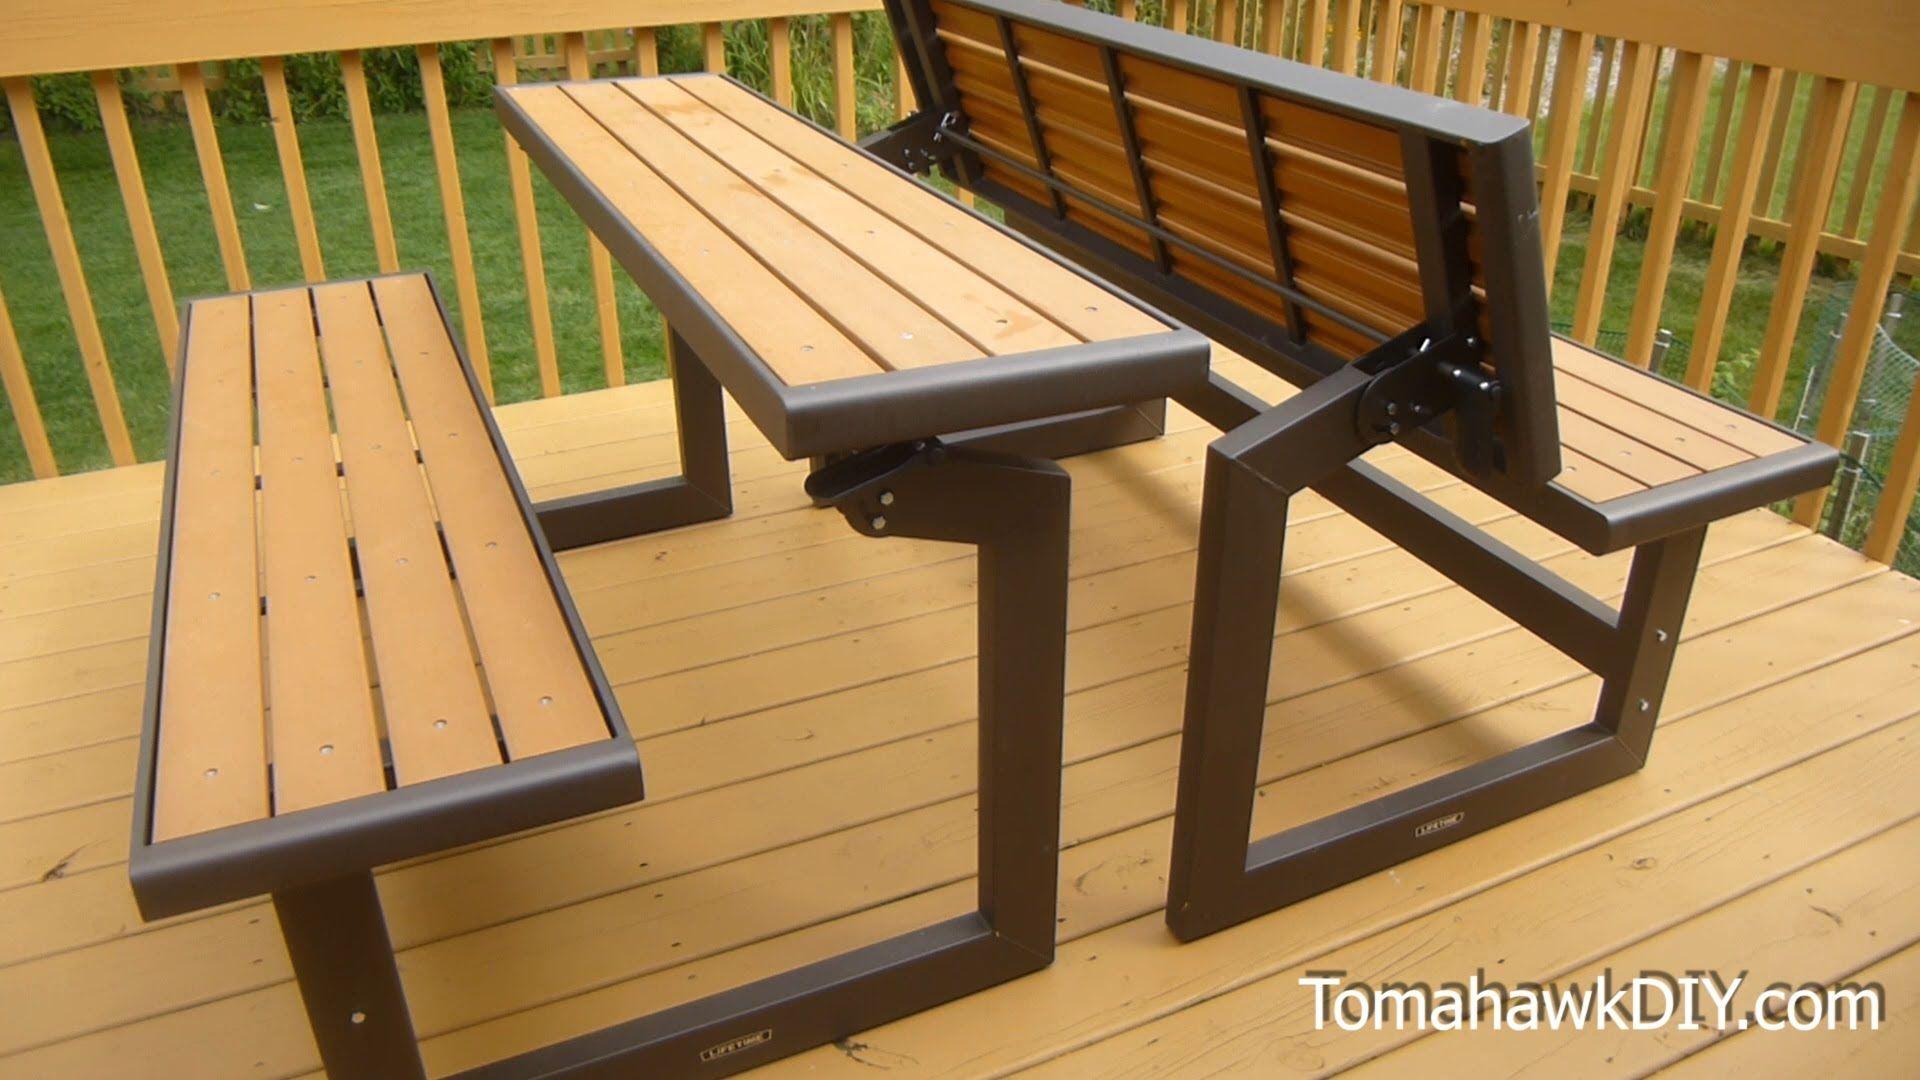 Convertible Bench Table Rumah Balok Kayu Perabot Buatan Sendiri Bangku Taman